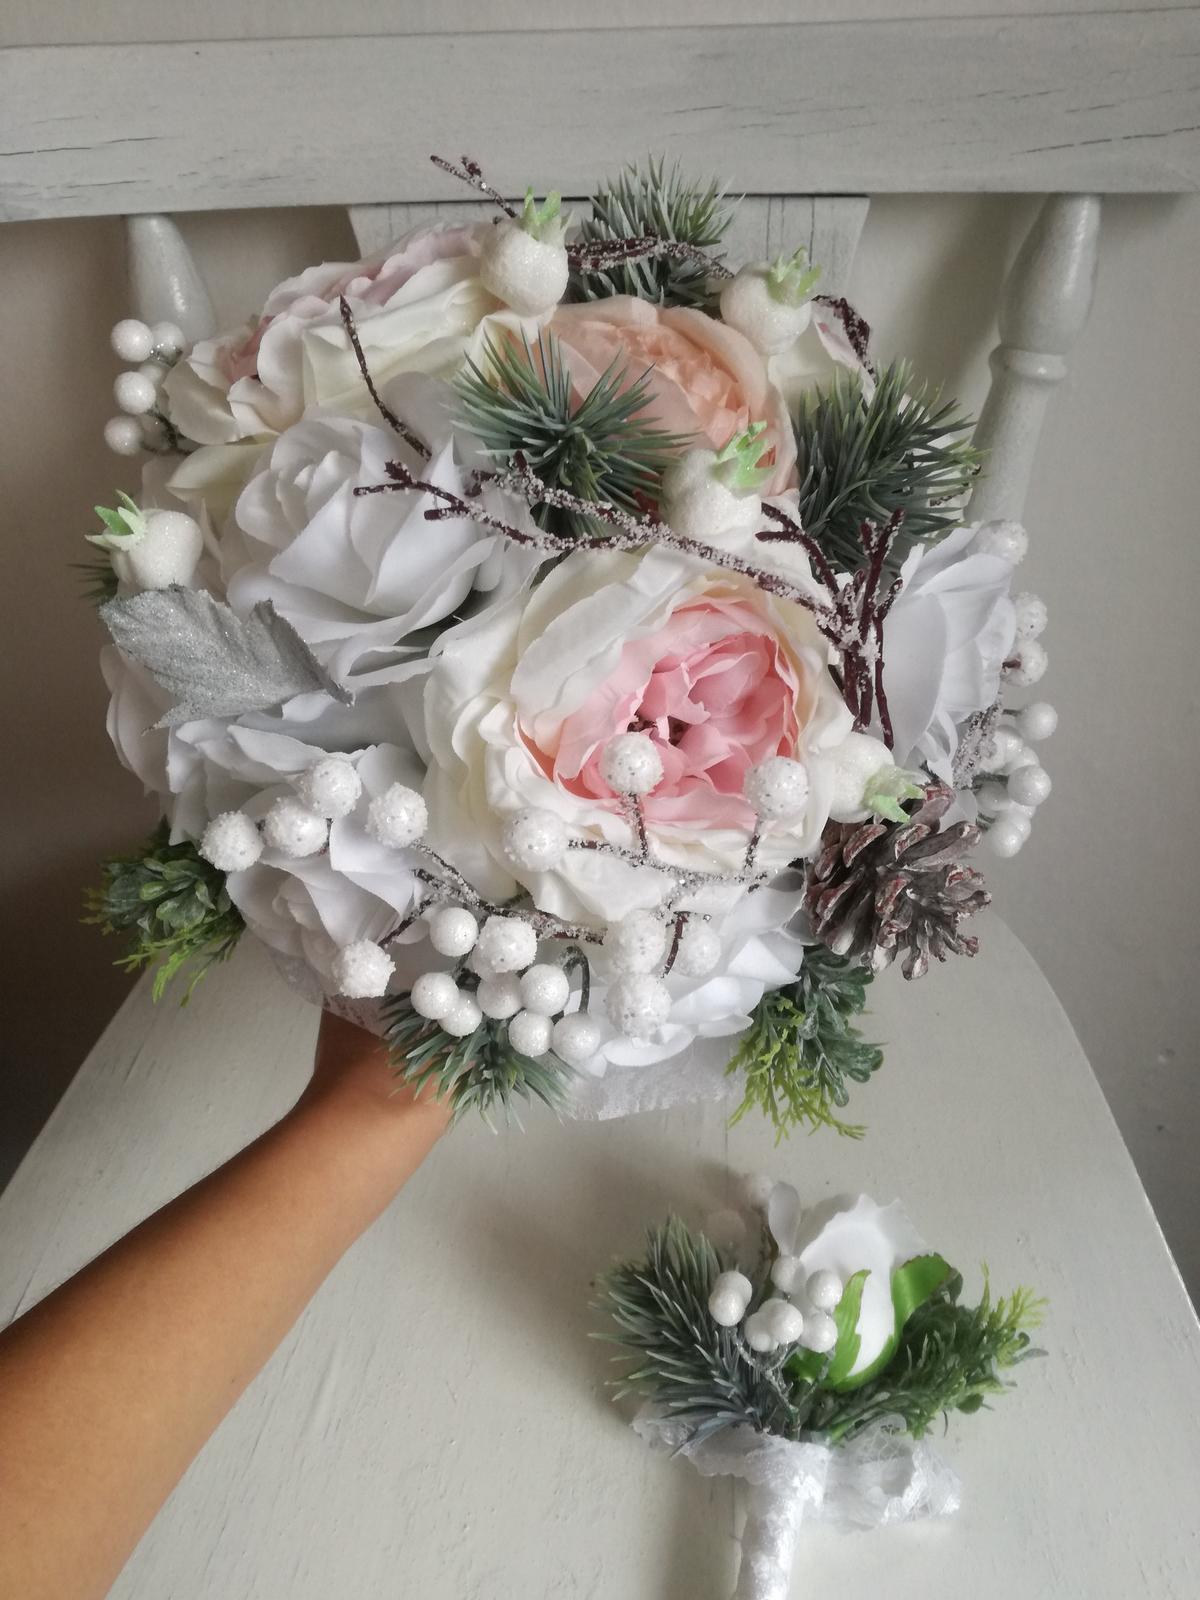 Z umelých kvetov - Obrázok č. 46